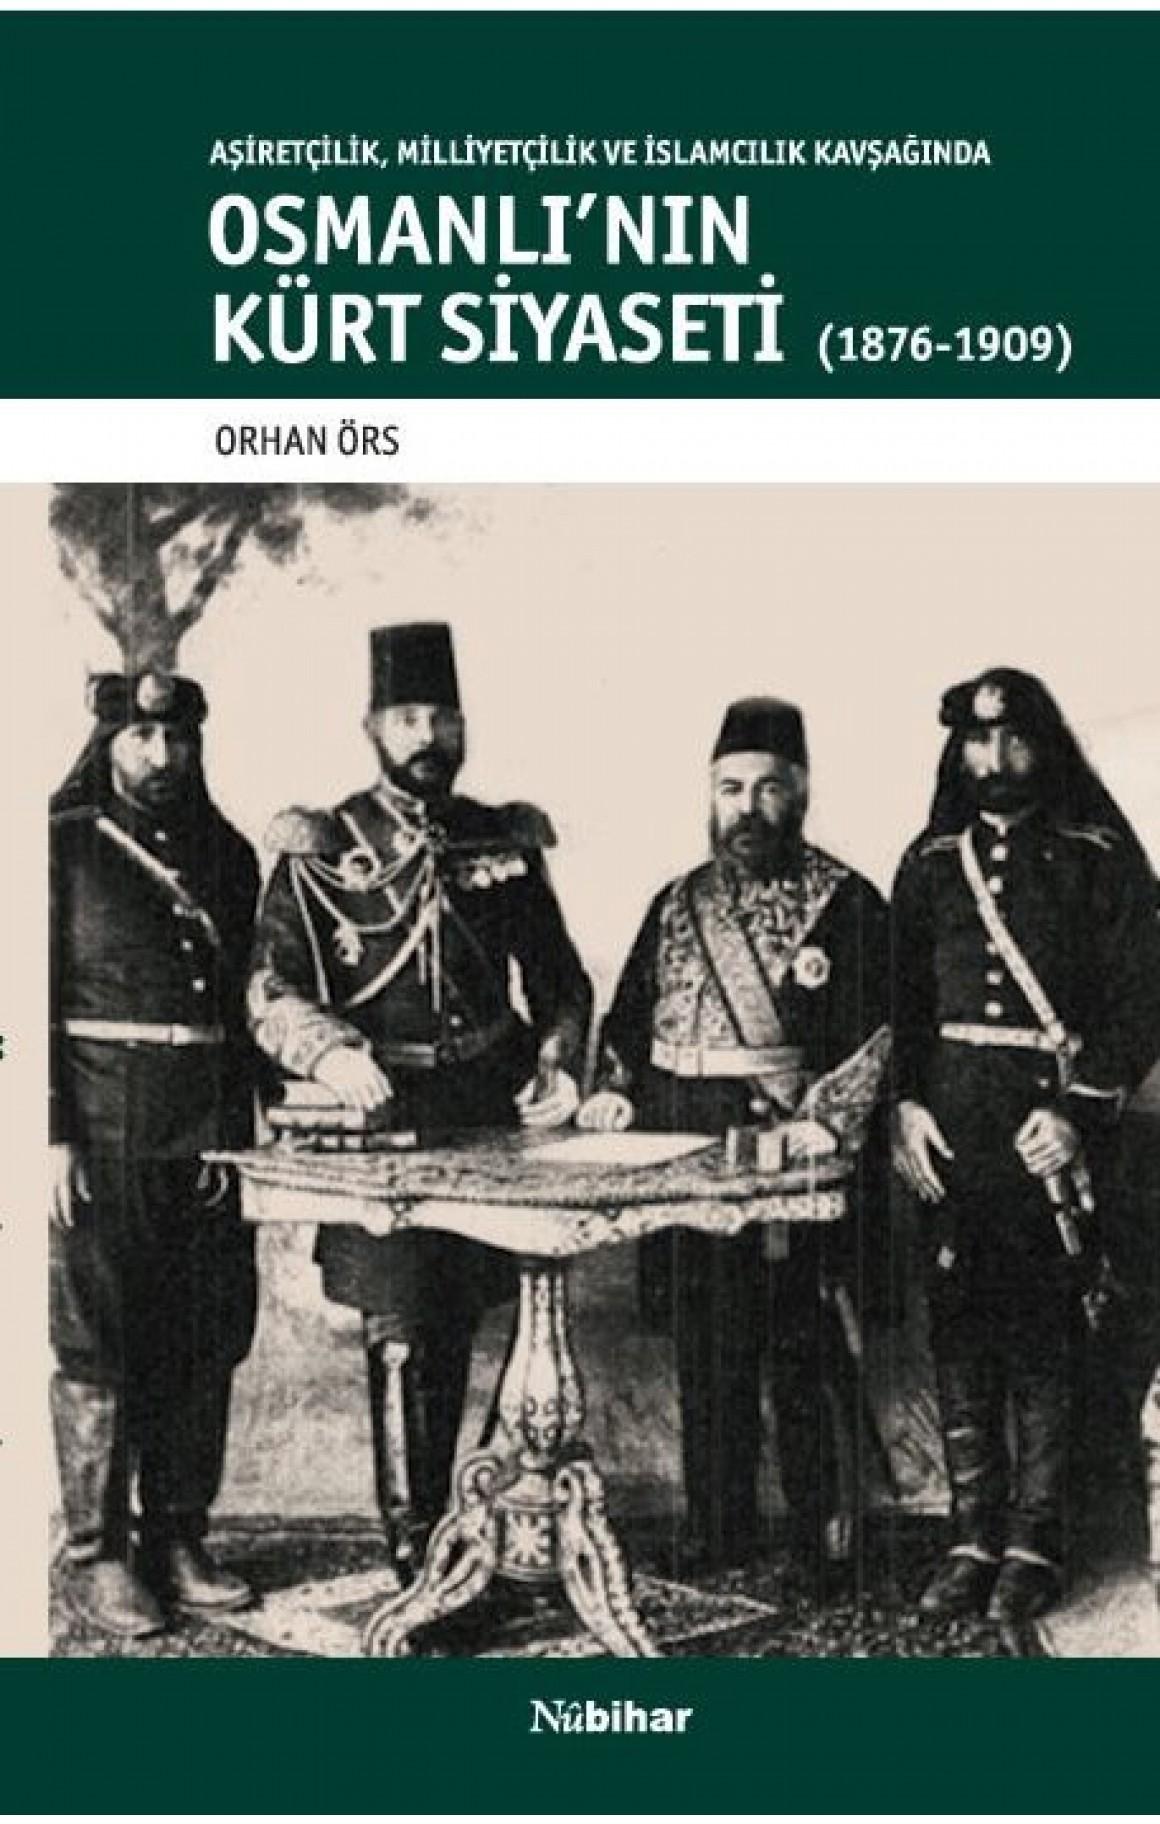 Osmanlı'nın Kürt Siyaseti (1876-1909)